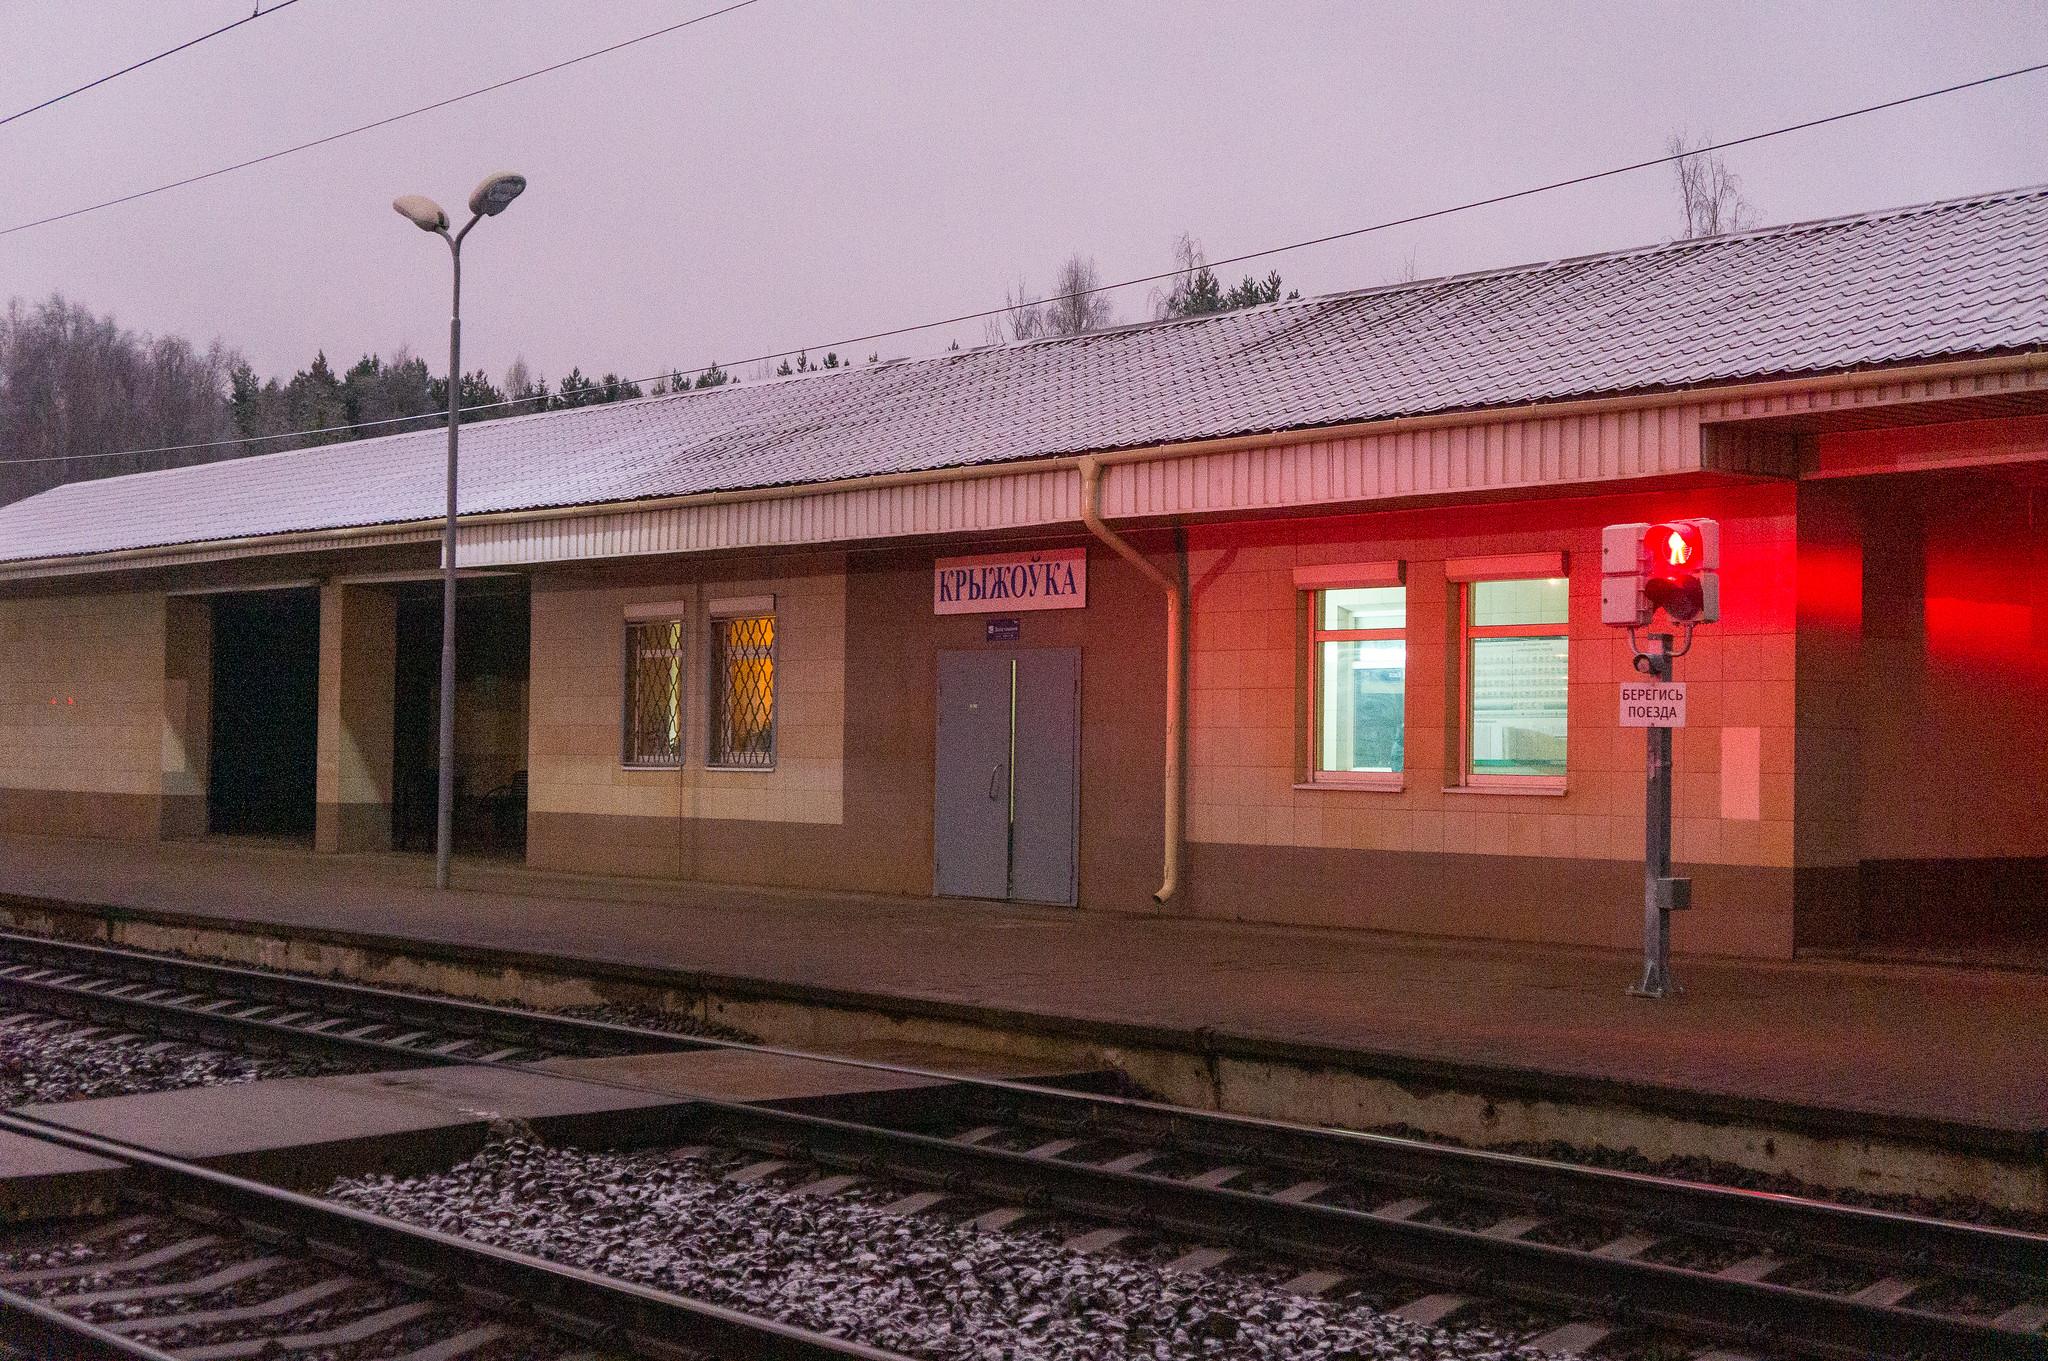 Станция Крыжовка